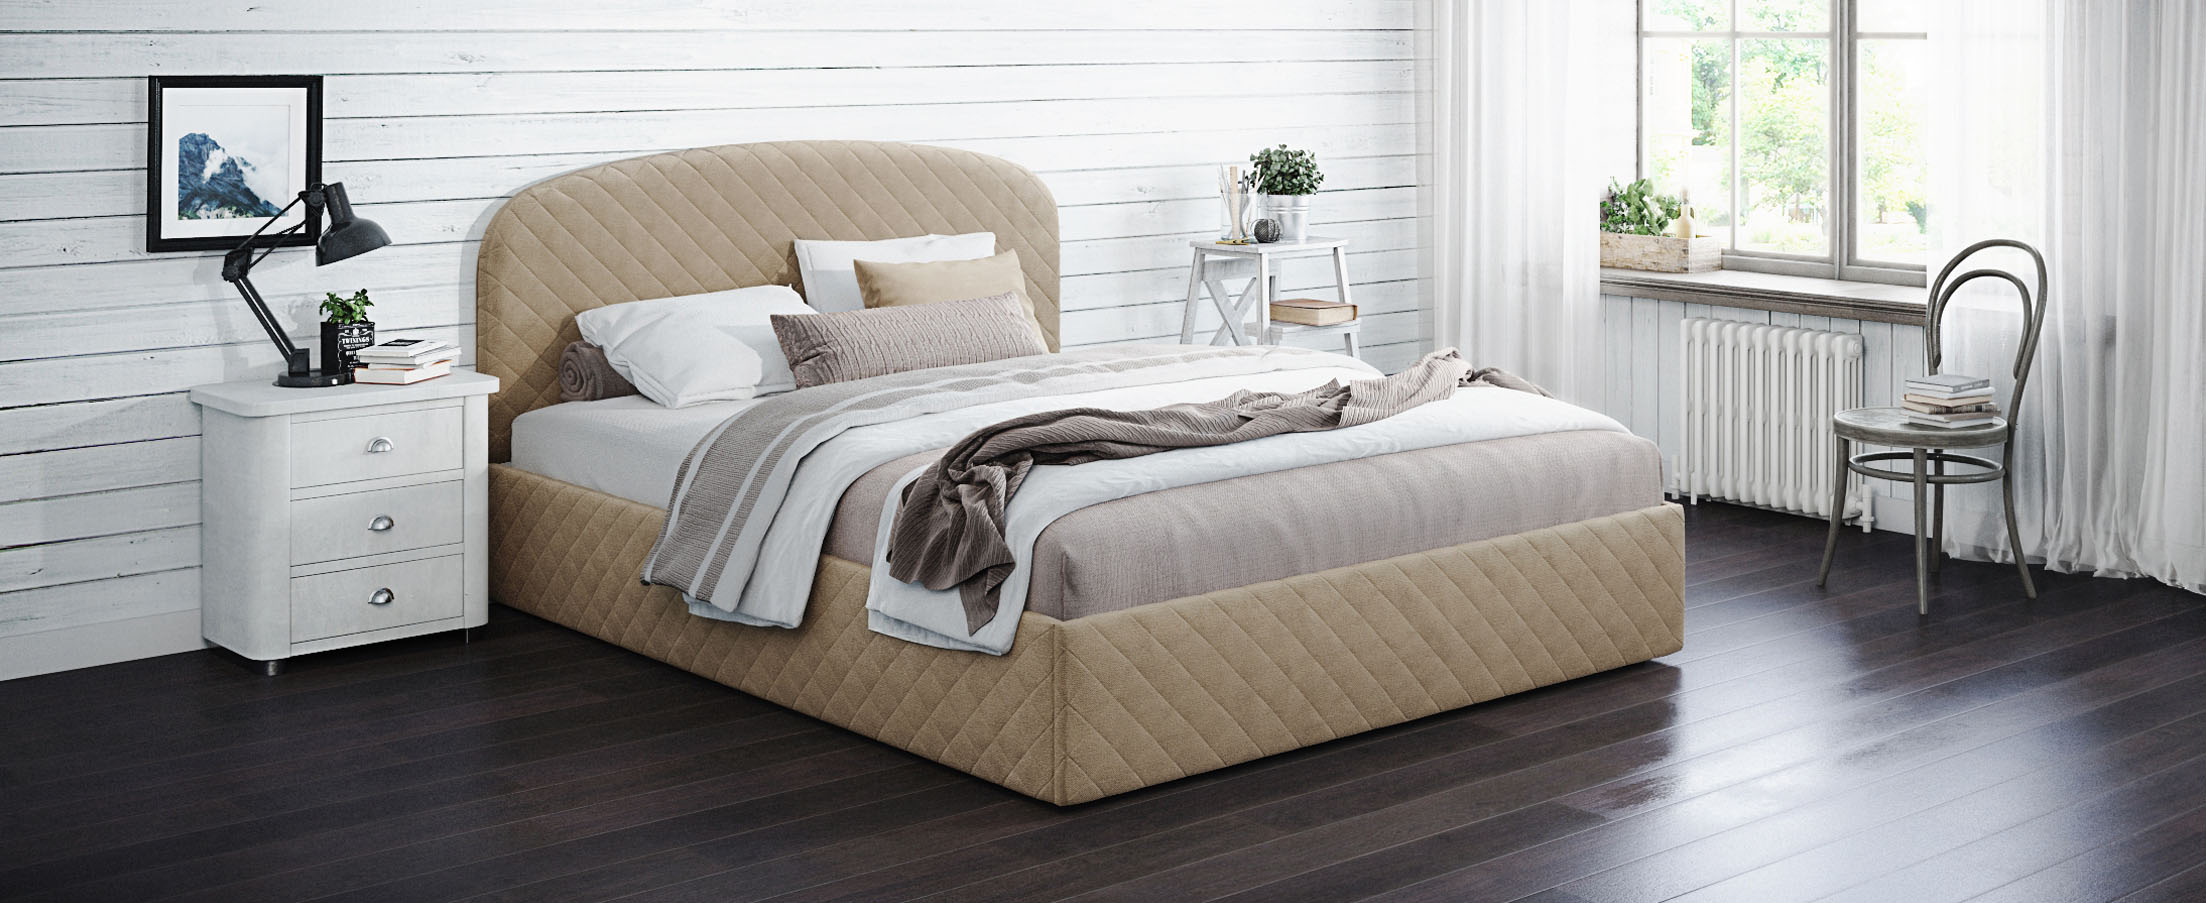 Кровать двуспальная Аллегра 160х200 Модель 1204Благодаря лаконичным формам она может стать как центральным предметом просторного помещения, также будет гармонично смотреться в небольшой спальной комнате.<br><br>Ширина см: 169<br>Глубина см: 210<br>Высота см: 105<br>Ширина спального места см: 160<br>Длина спального места см: 200<br>Встроенное основание: Есть<br>Материал каркаса: ЛДСП<br>Материал обивки: Велюр<br>Подъемный механизм: Нет<br>Цвет: Бежевый<br>Код ткани: 65-24<br>Бренд: MOON-TRADE